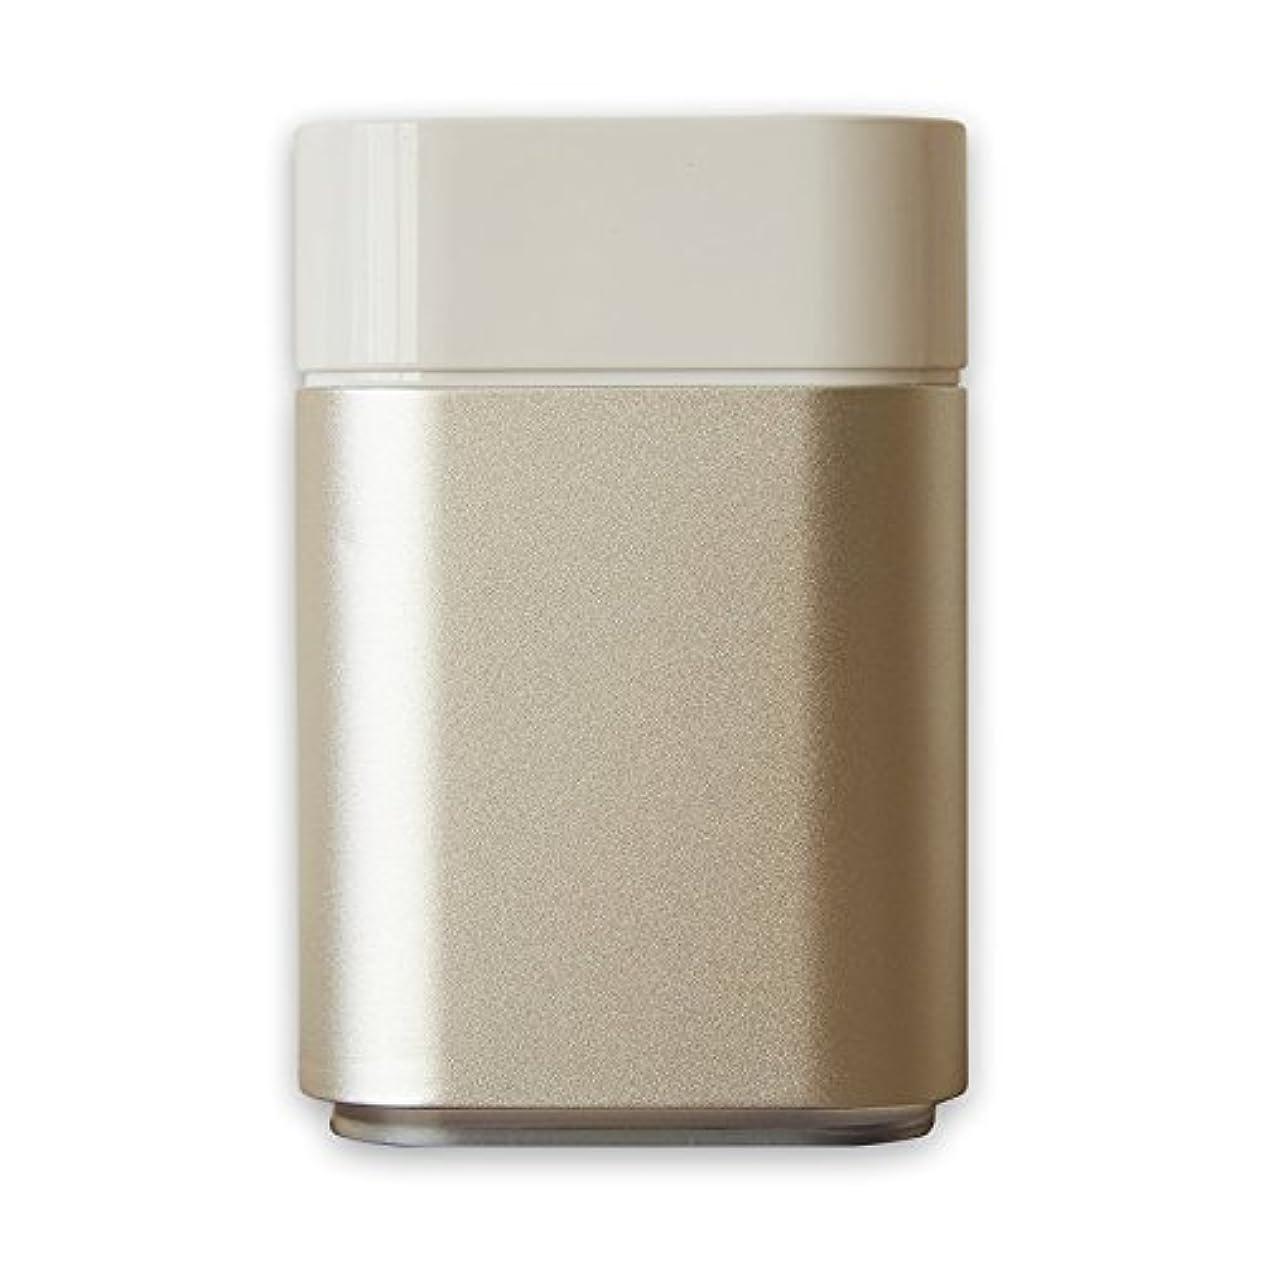 呪い忘れられない特殊アロマディフューザー UR-AROMA04 卓上 小型 Uruon(ウルオン)水を使わない アロマ ネブライザー式 水なし ダイレクトオイル 製油瓶直噴式 超音波式 USB 卓上 油性 水性 静音 アロマオイル